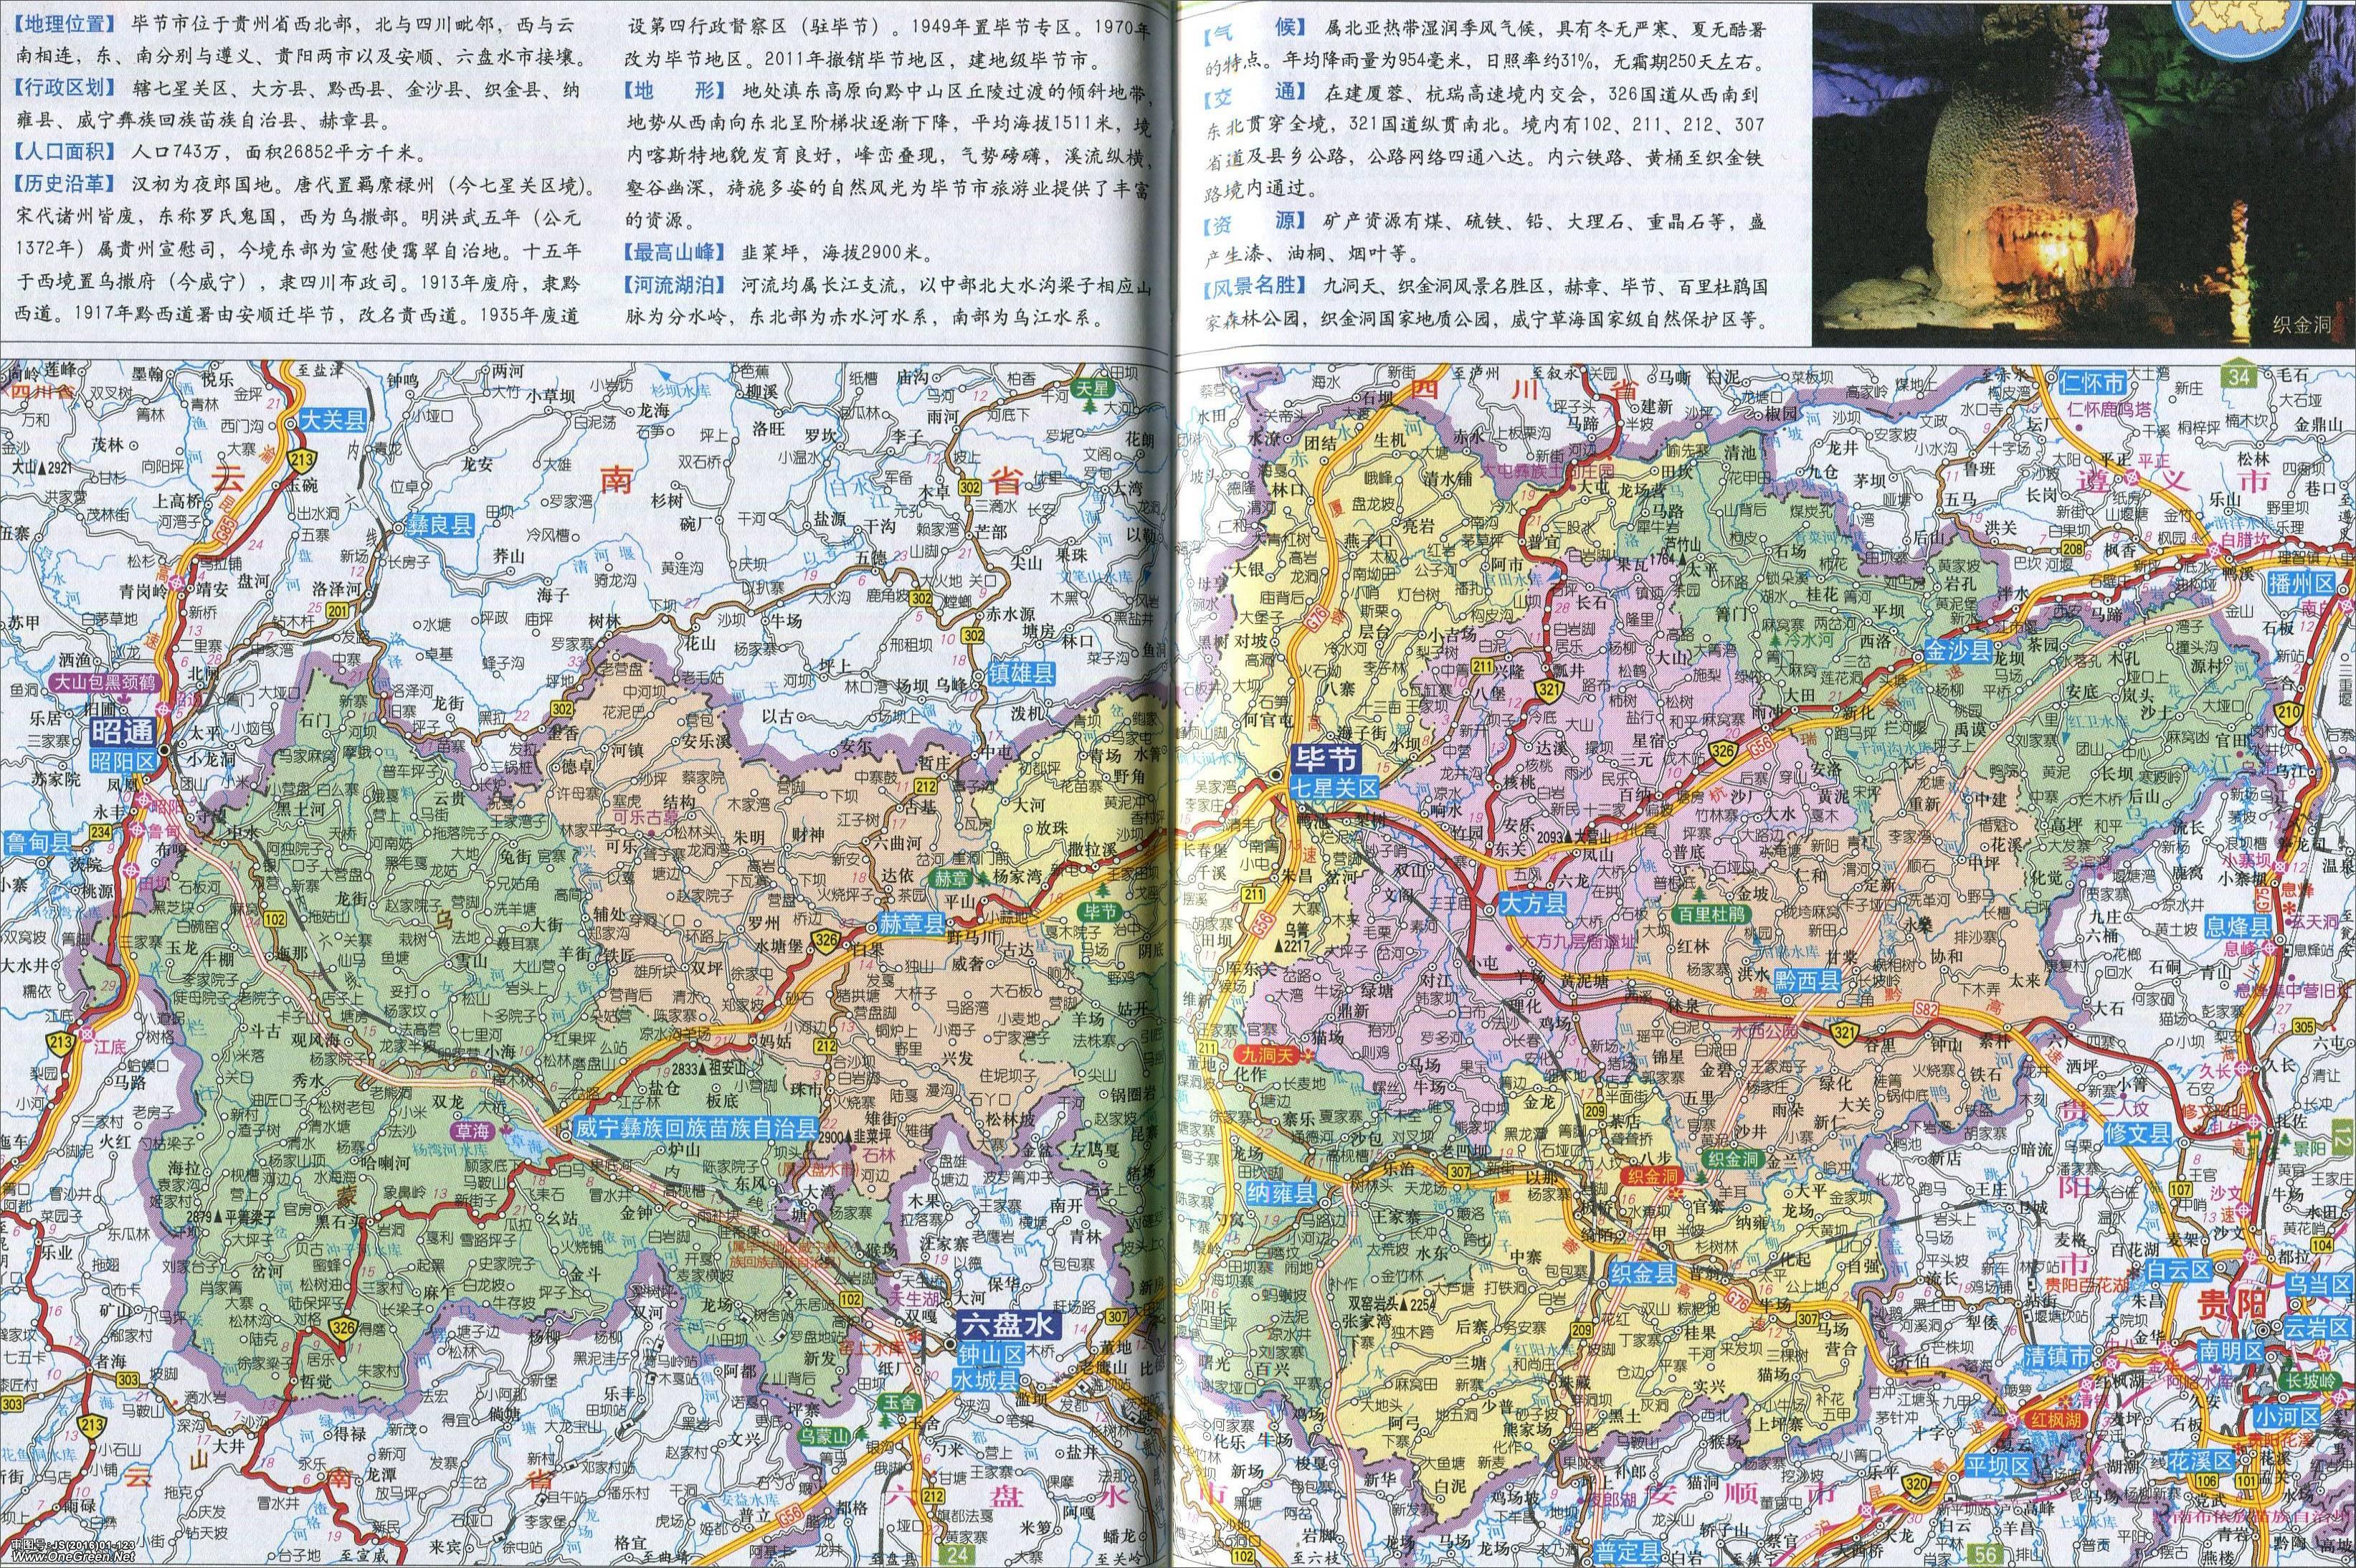 毕节市地图高清版